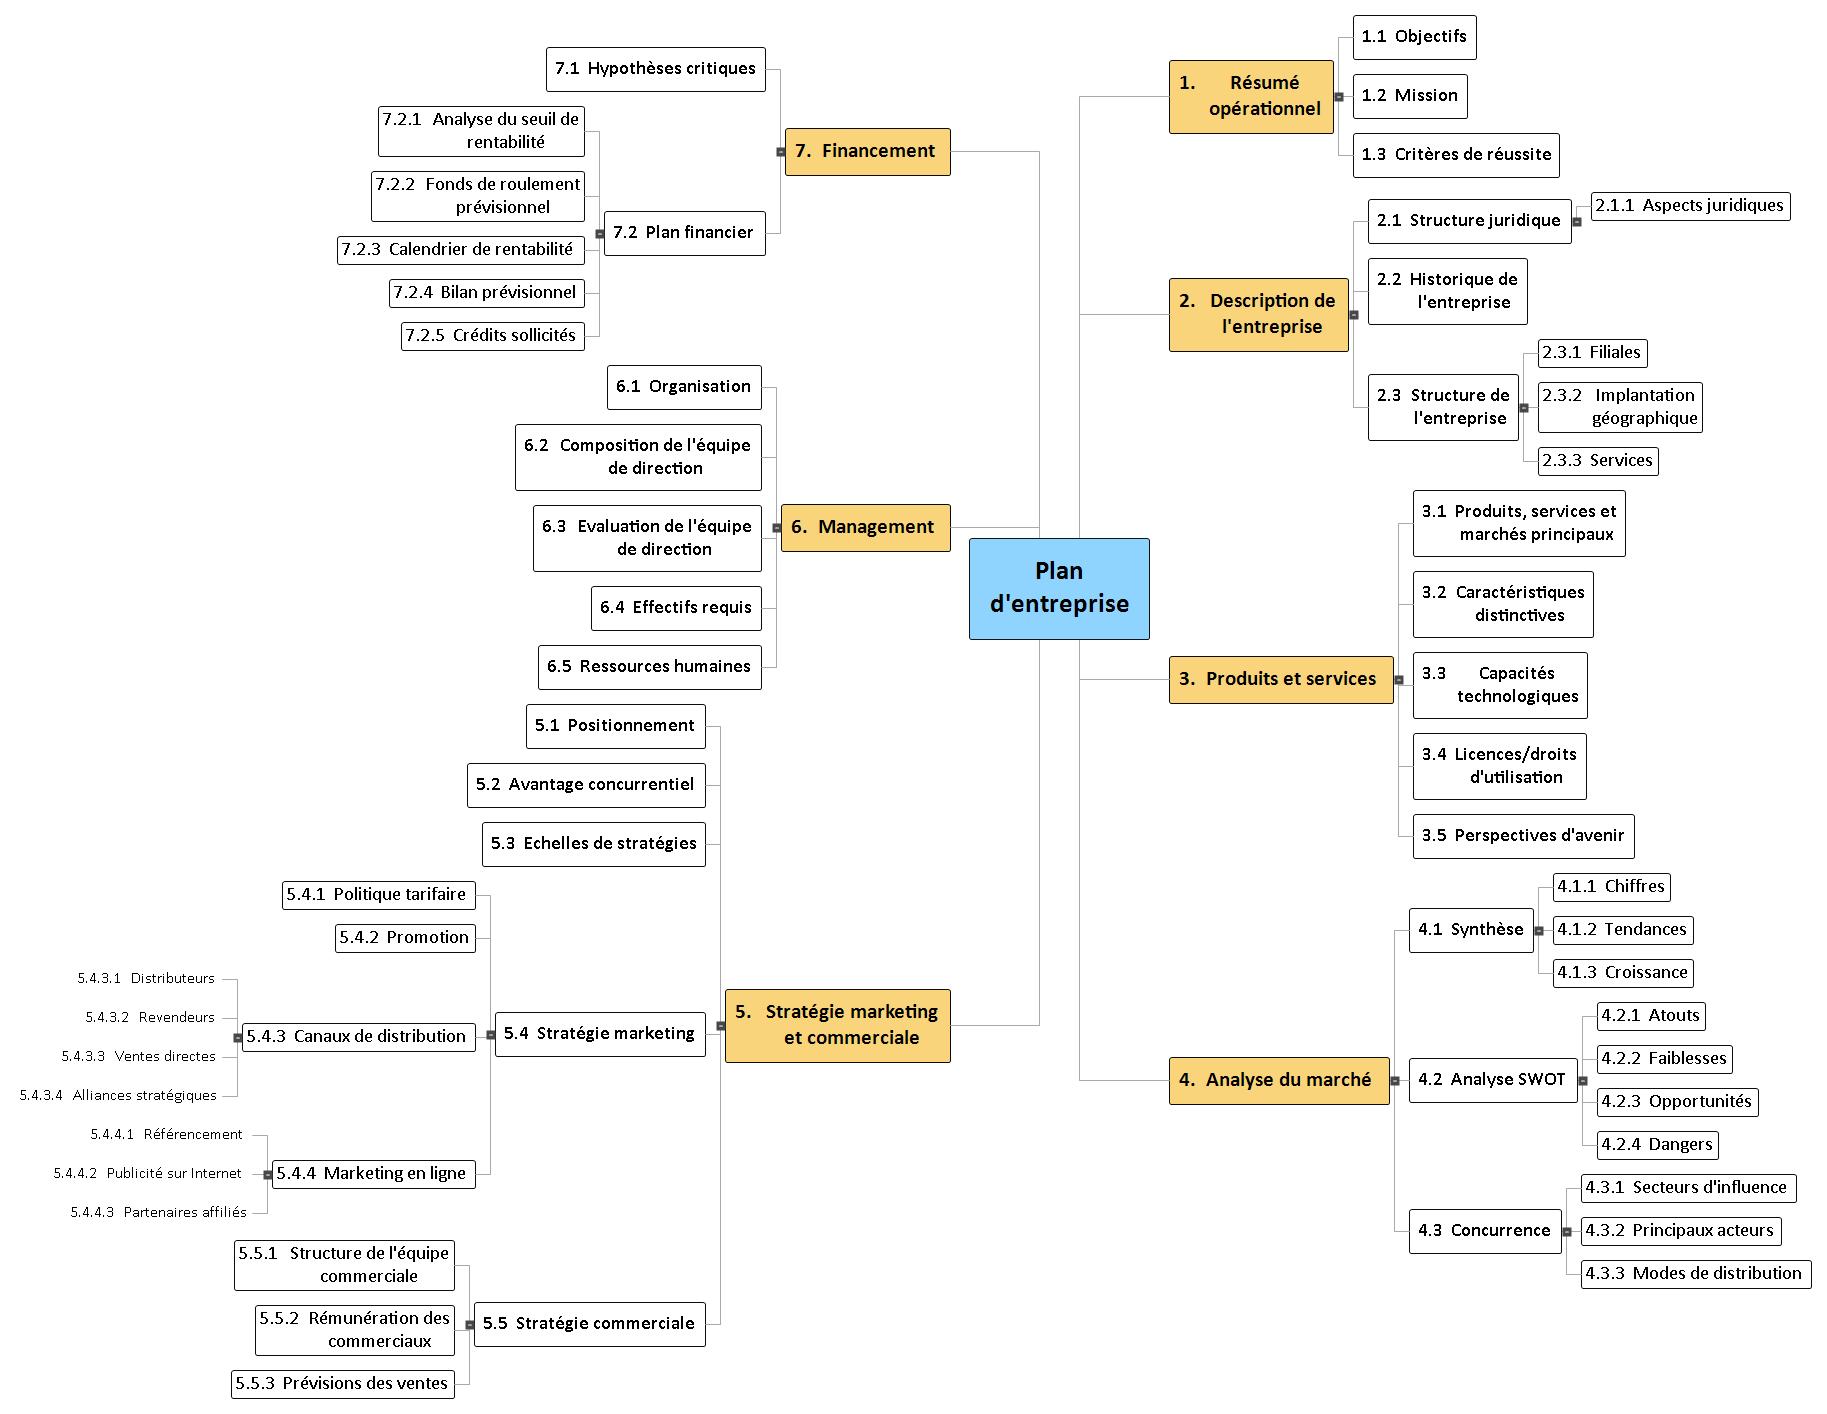 Plan d'entreprise Mind Maps